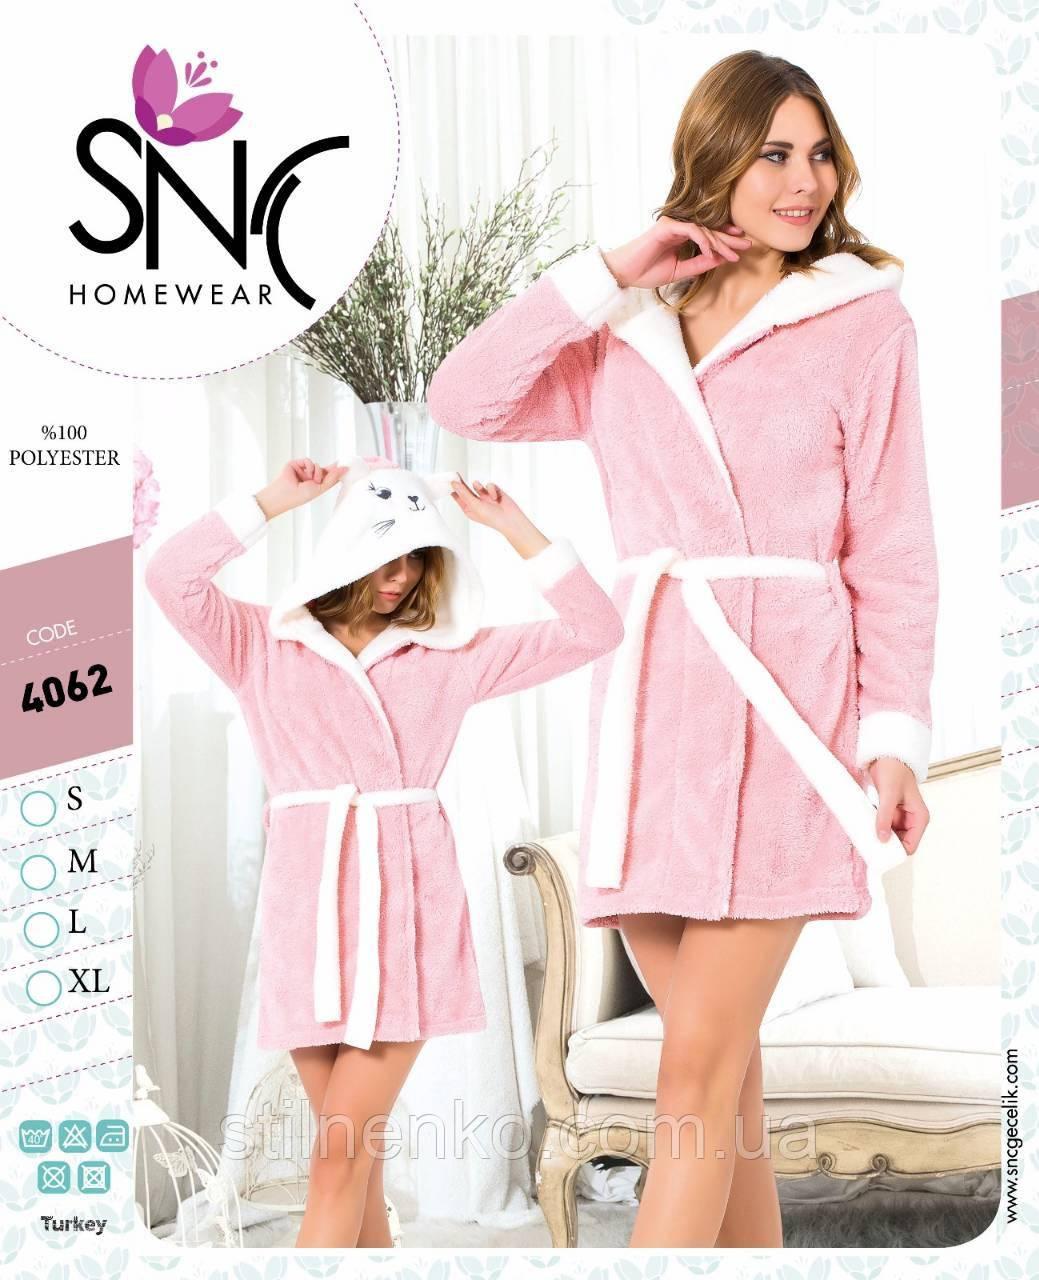 Жіночий теплий халат SNC з капюшоном